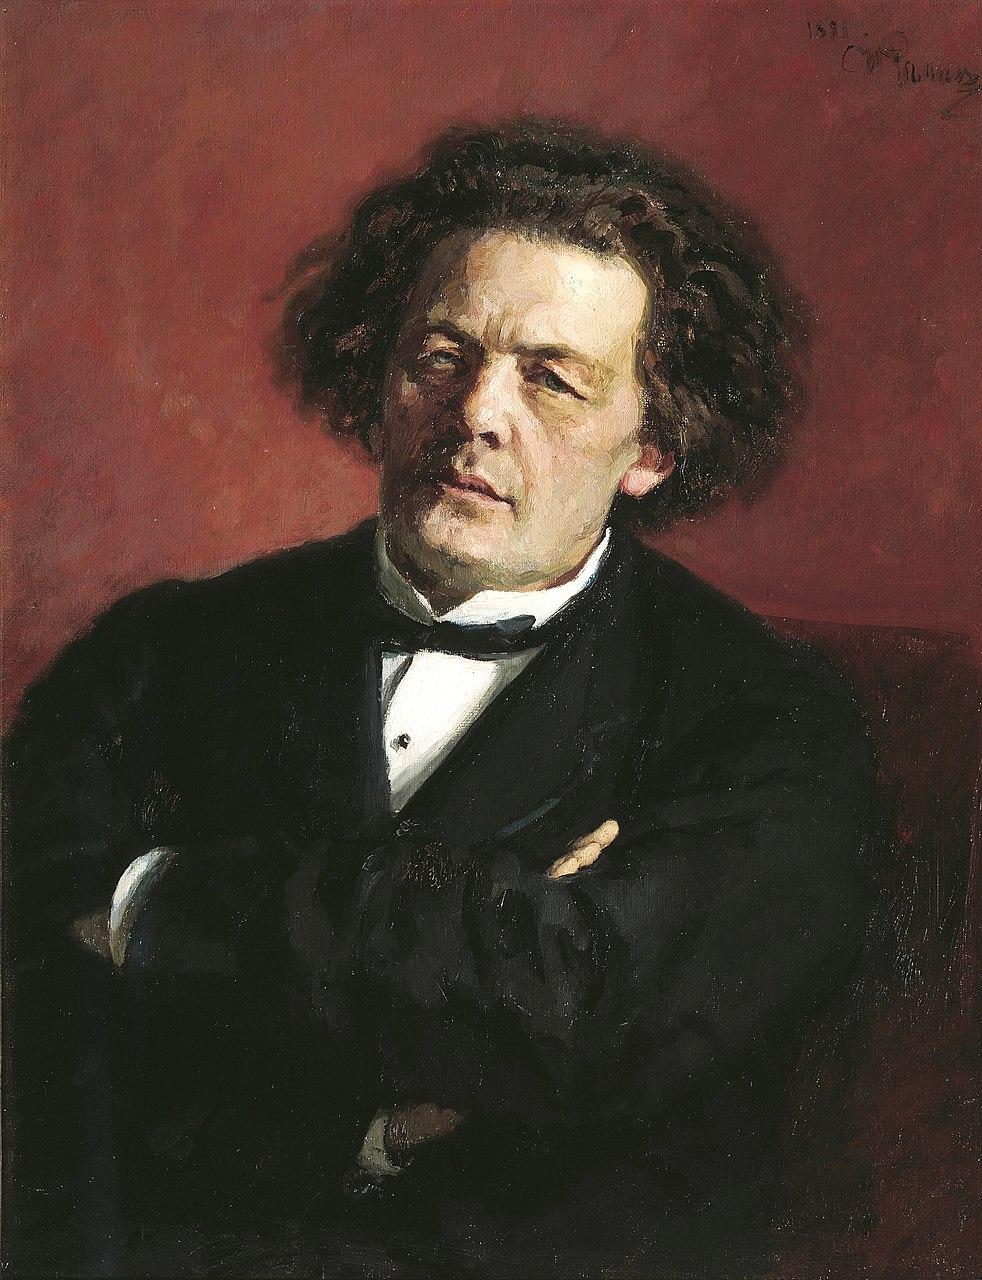 Илья Репин. Портрет Антона Рубинштейна. 1881